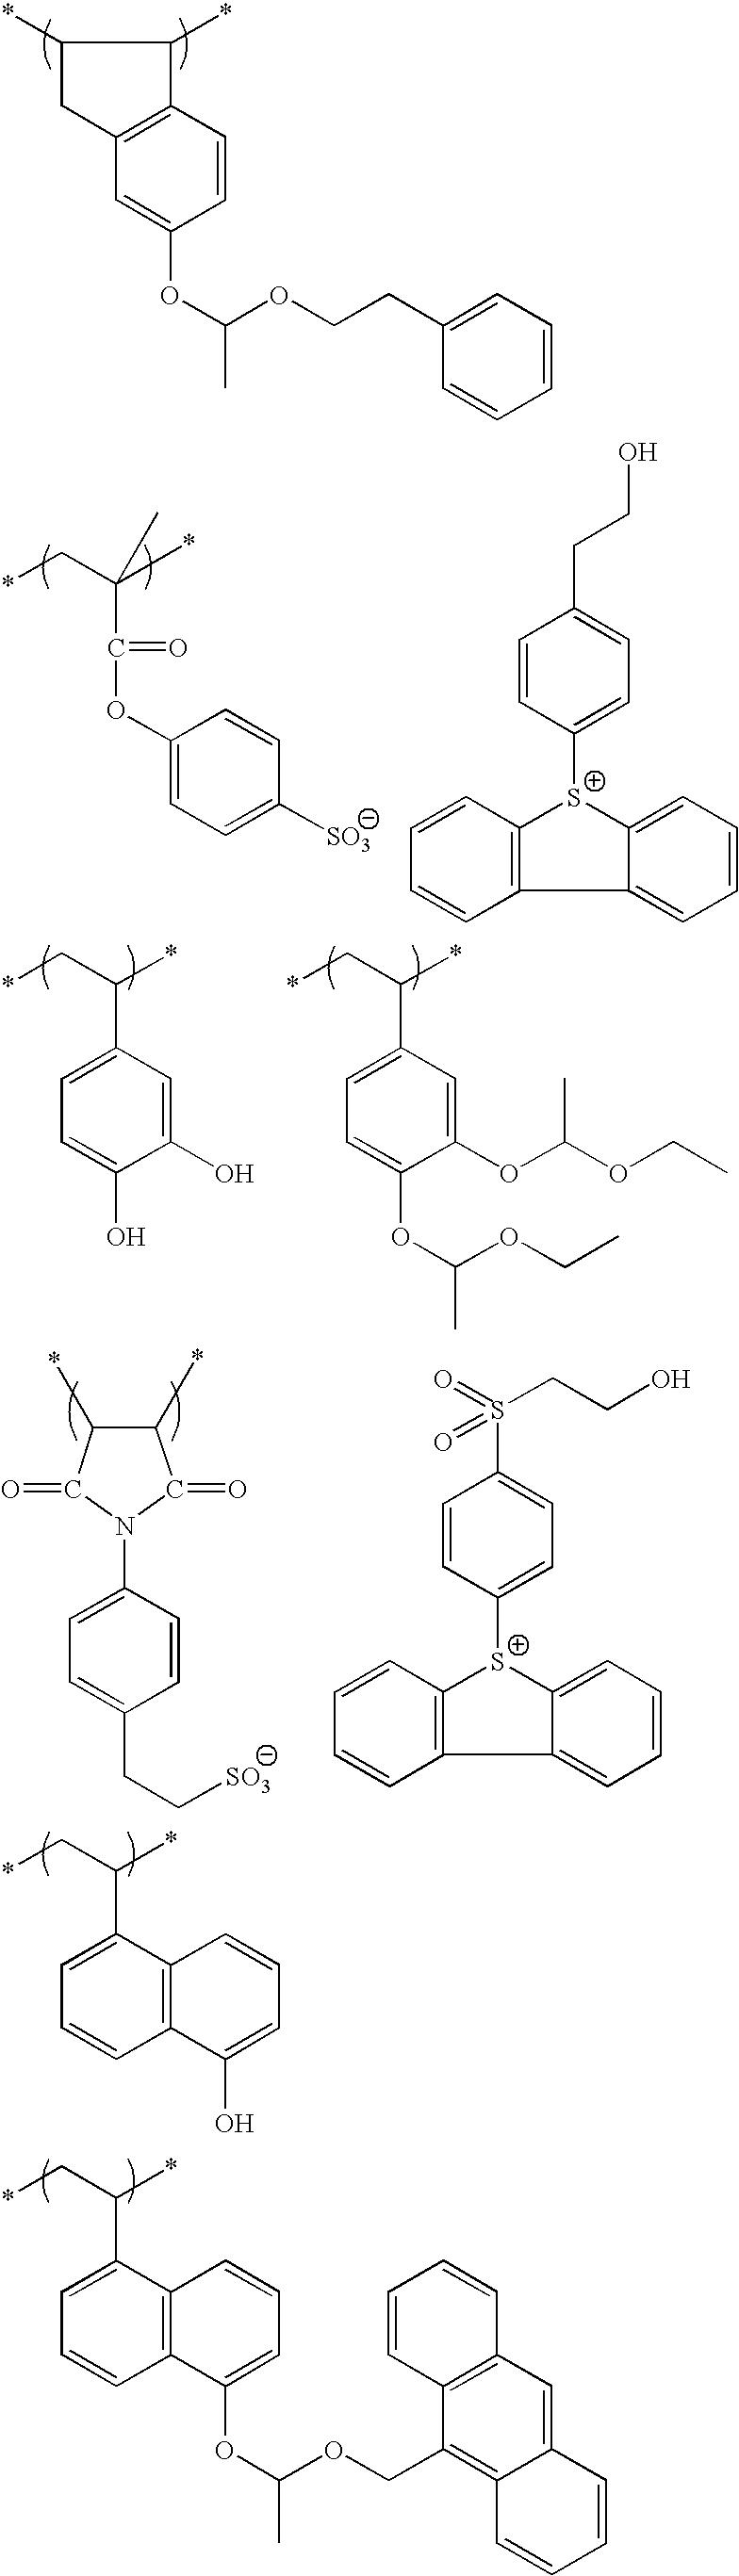 Figure US20100183975A1-20100722-C00189